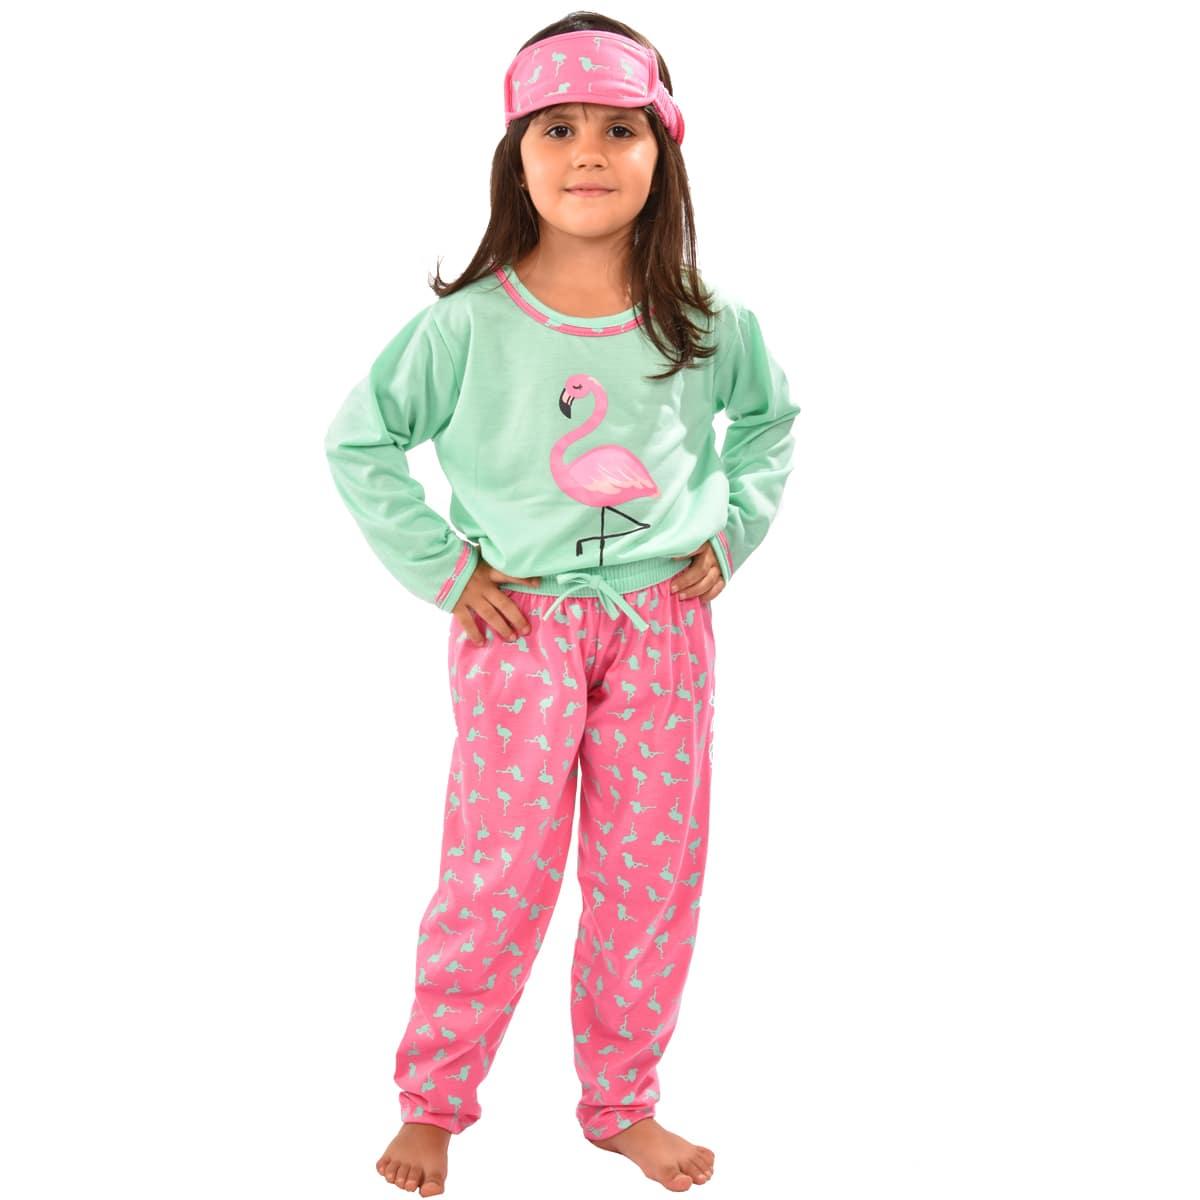 Pijama Longo Calça C/ Tapa Olho Feminino Infantil Estampa Desenho Flamingo Ref: 311